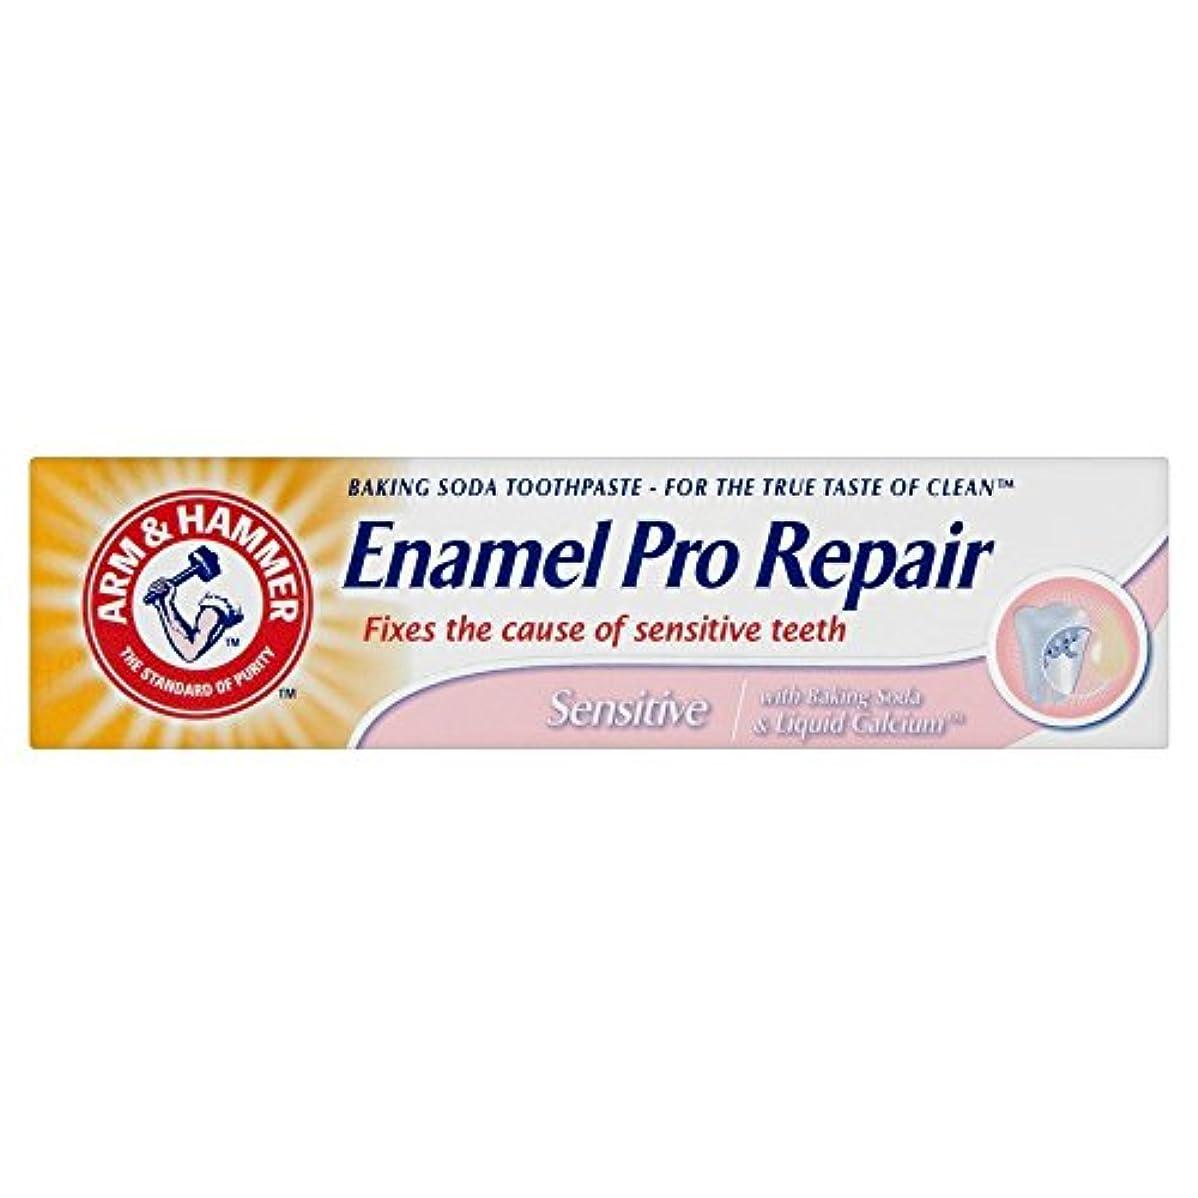 フェデレーション緩やかな痛いArm & Hammer Enamel Care Sensitive Toothpaste Tube (75ml) アームとハンマーエナメルケア敏感歯磨き粉のチューブ( 75ミリリットル) [並行輸入品]